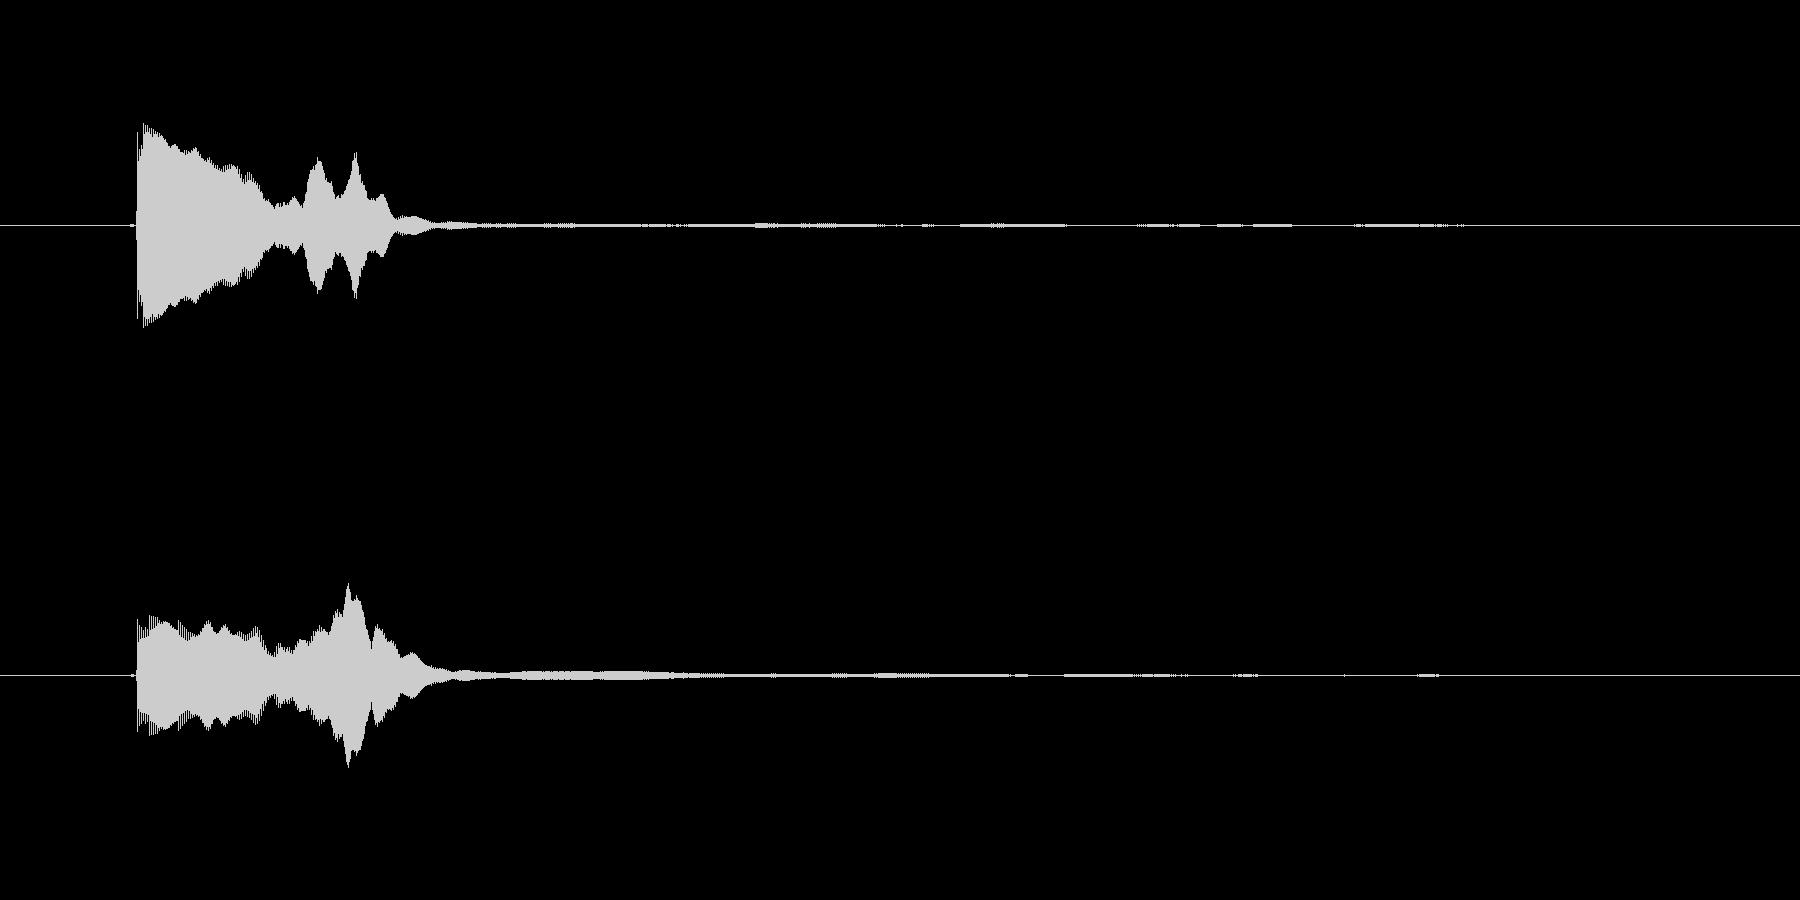 ゲームコマンド音1 選択音 K11の未再生の波形